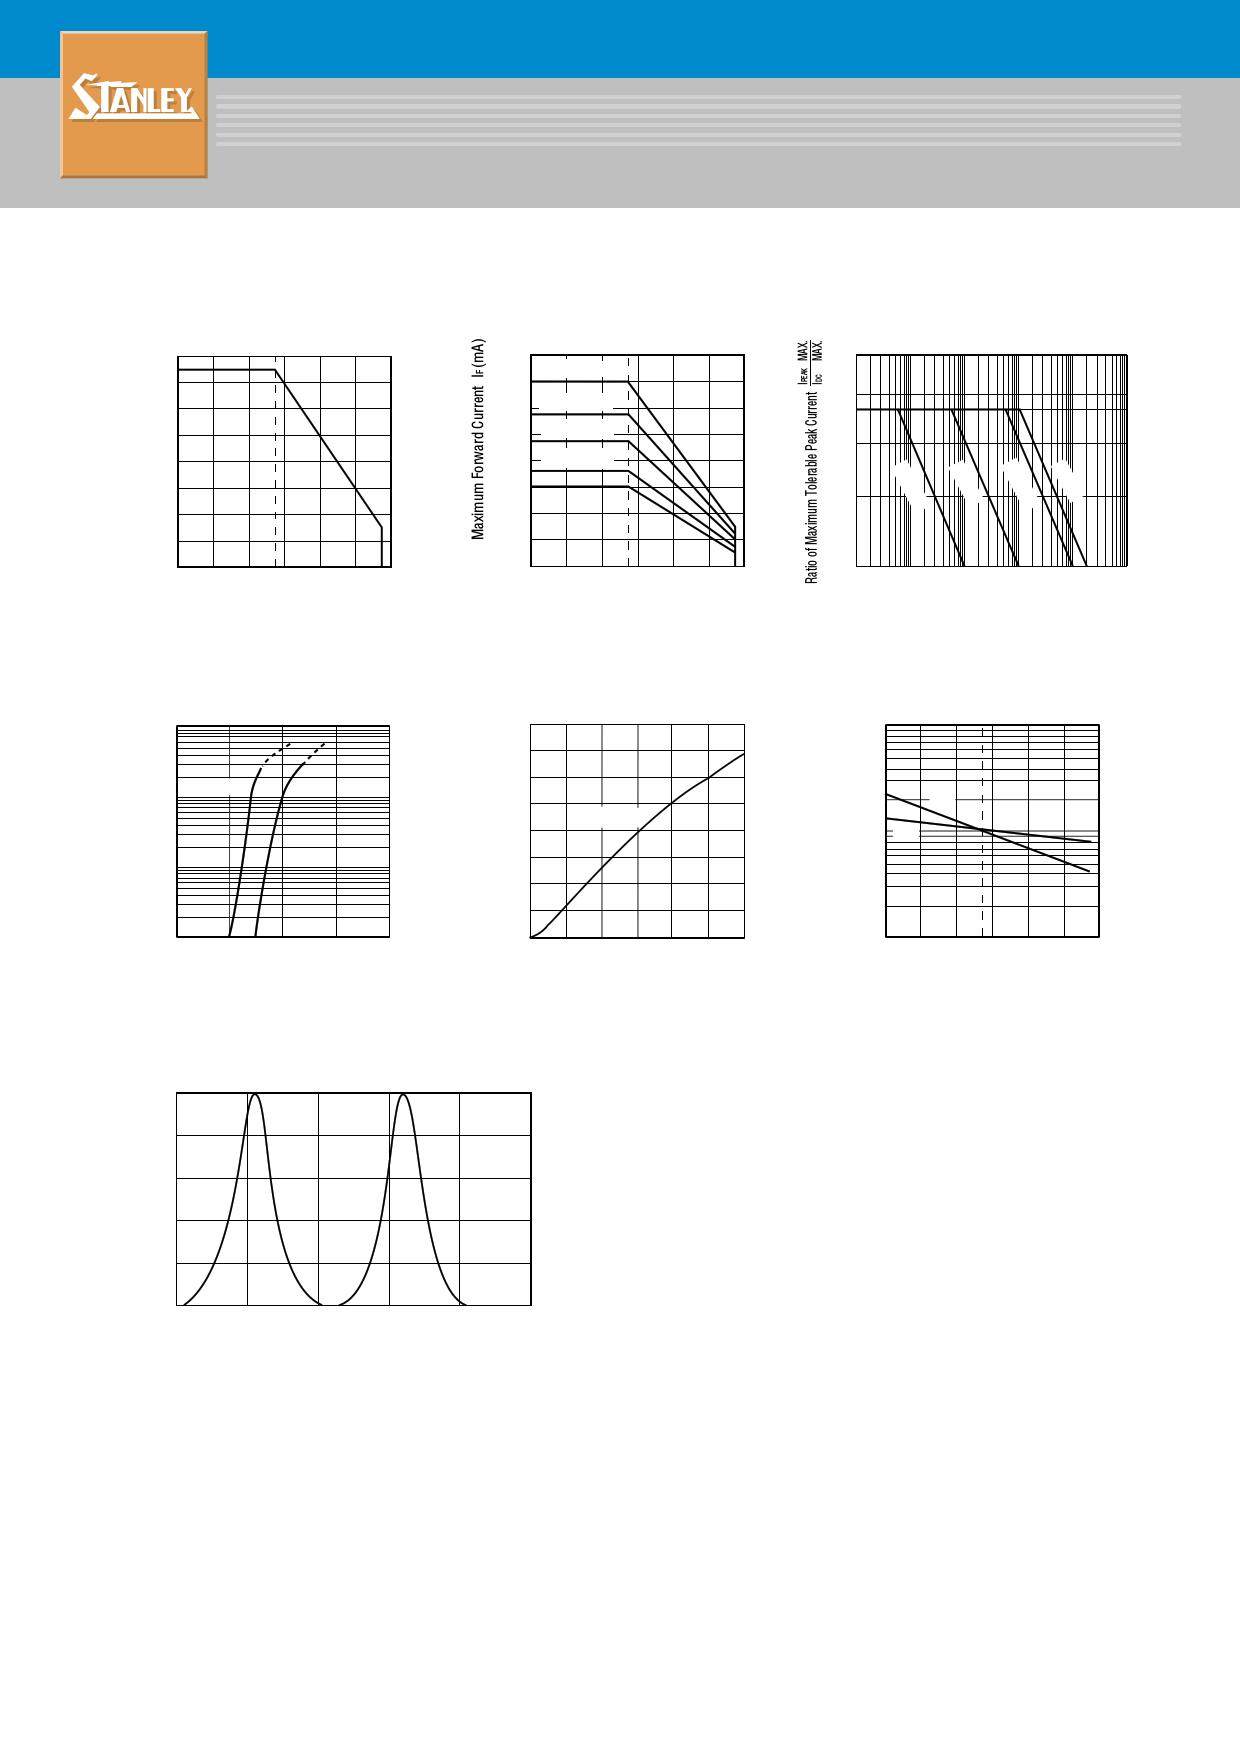 BRBG1201W pdf, 반도체, 판매, 대치품